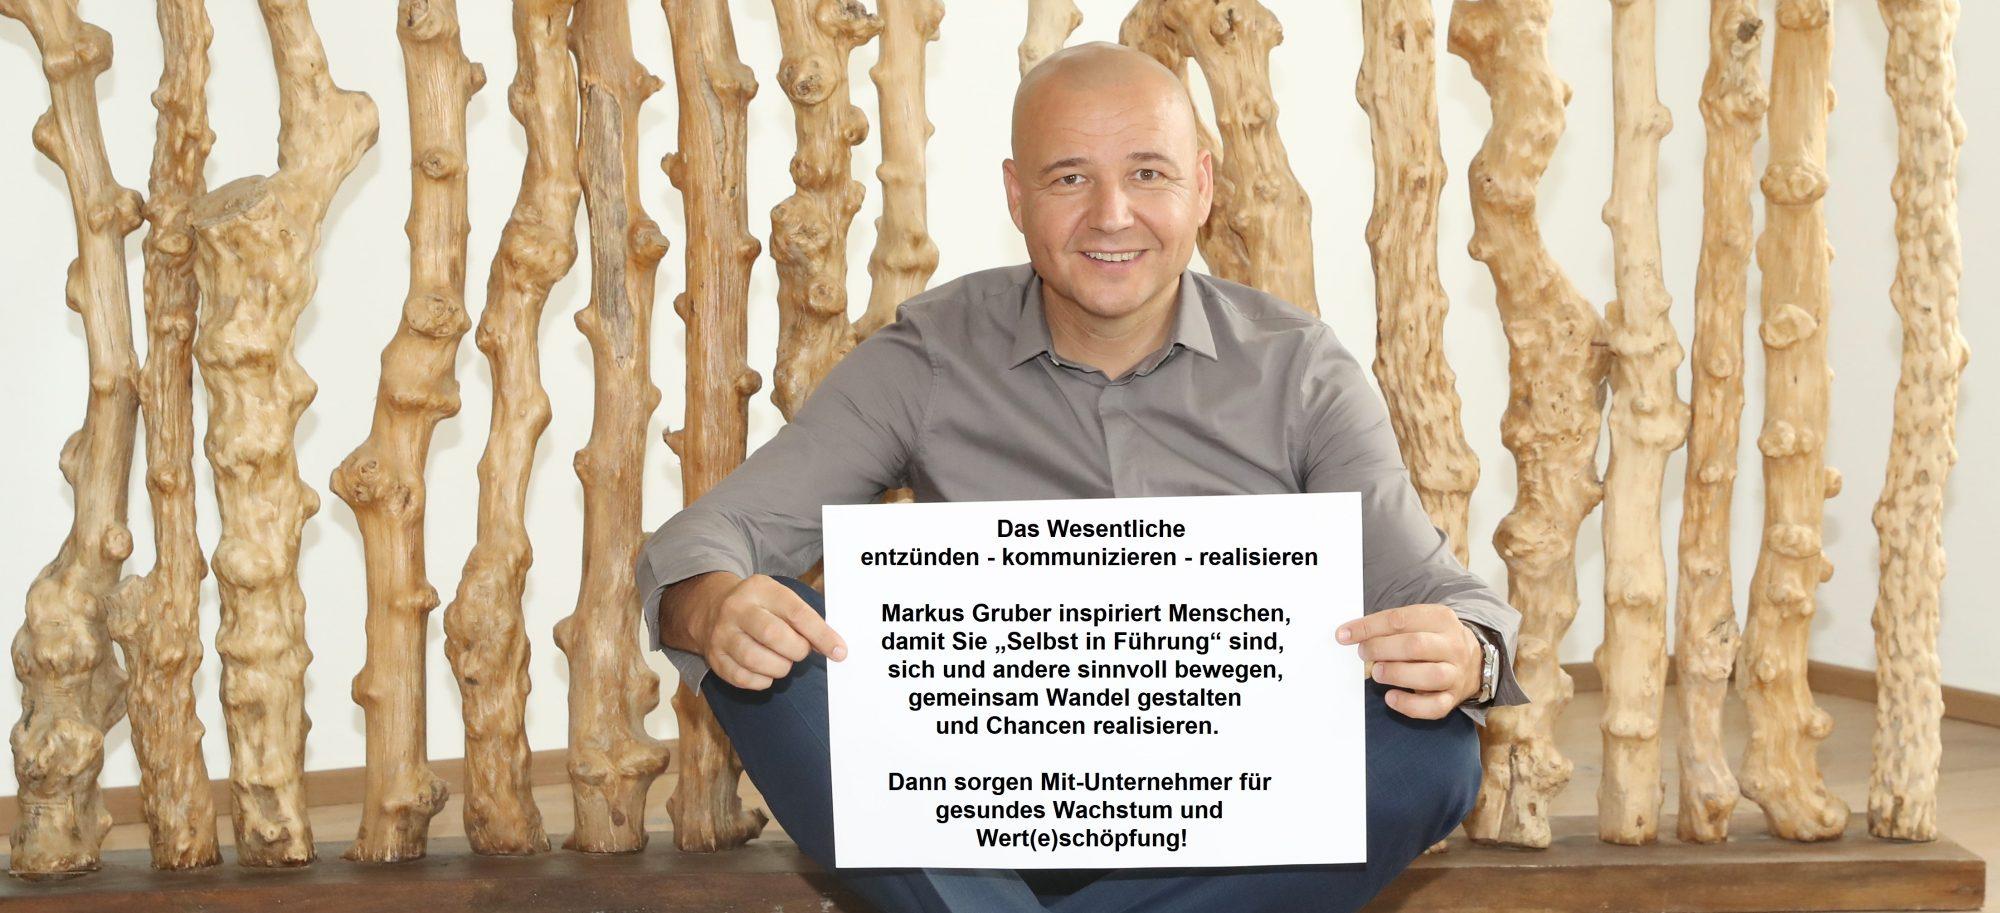 IAK Institut für Angewandte Kreativität, Markus Gruber, Trainerprofil, ChancenRealisierer, Trainer, Coach, iak.at